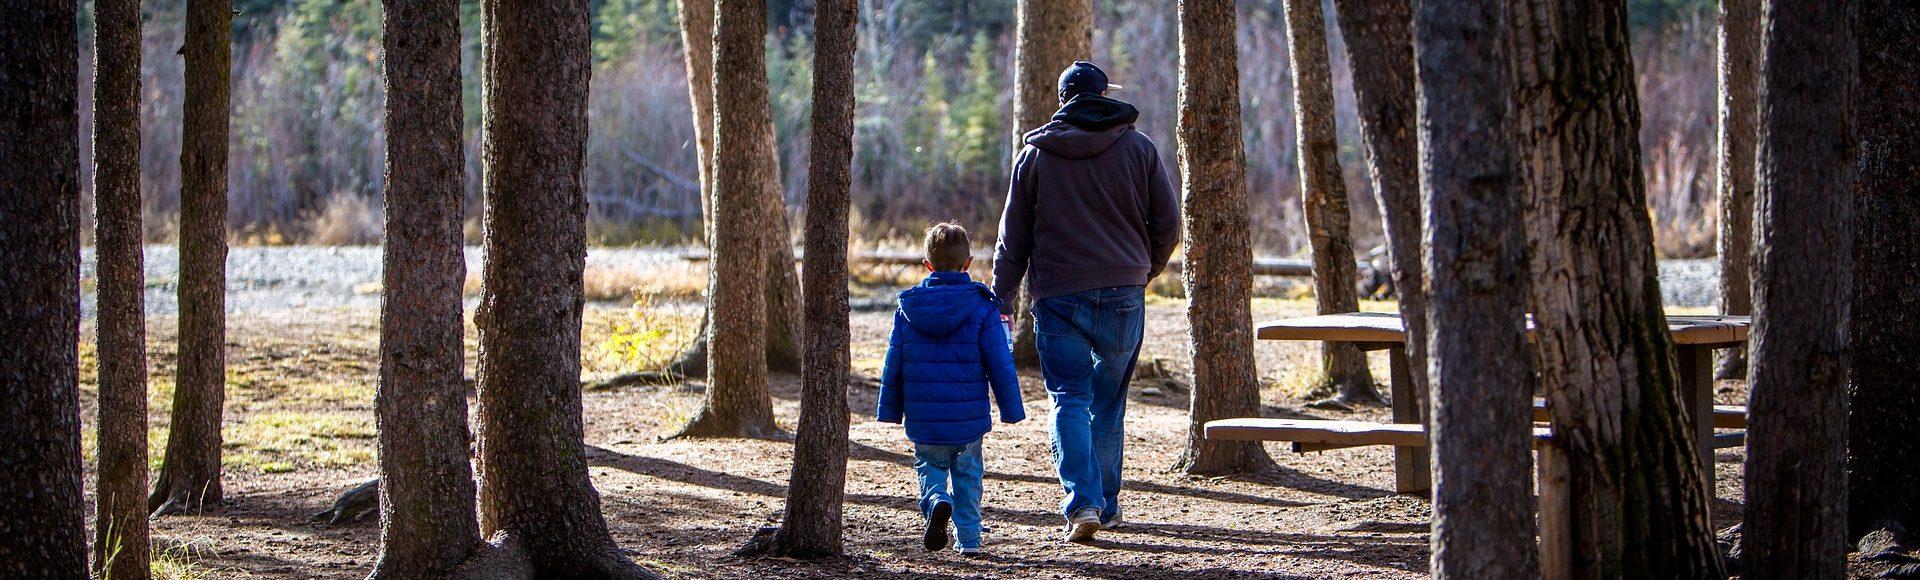 Väter-Kinder-Freizeit